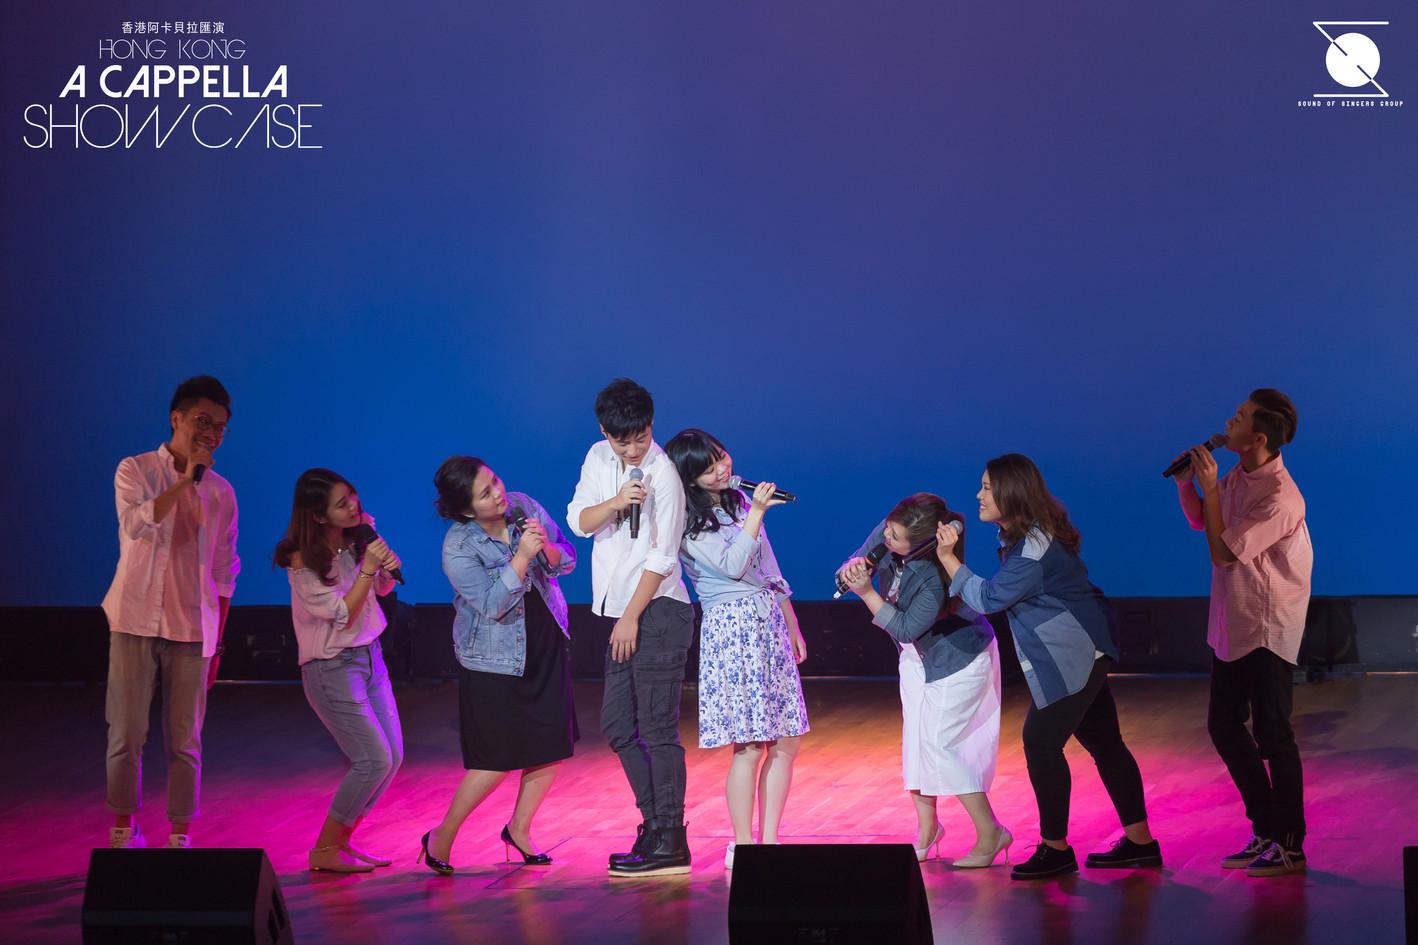 成人學員於《A cappella Showcase》演出